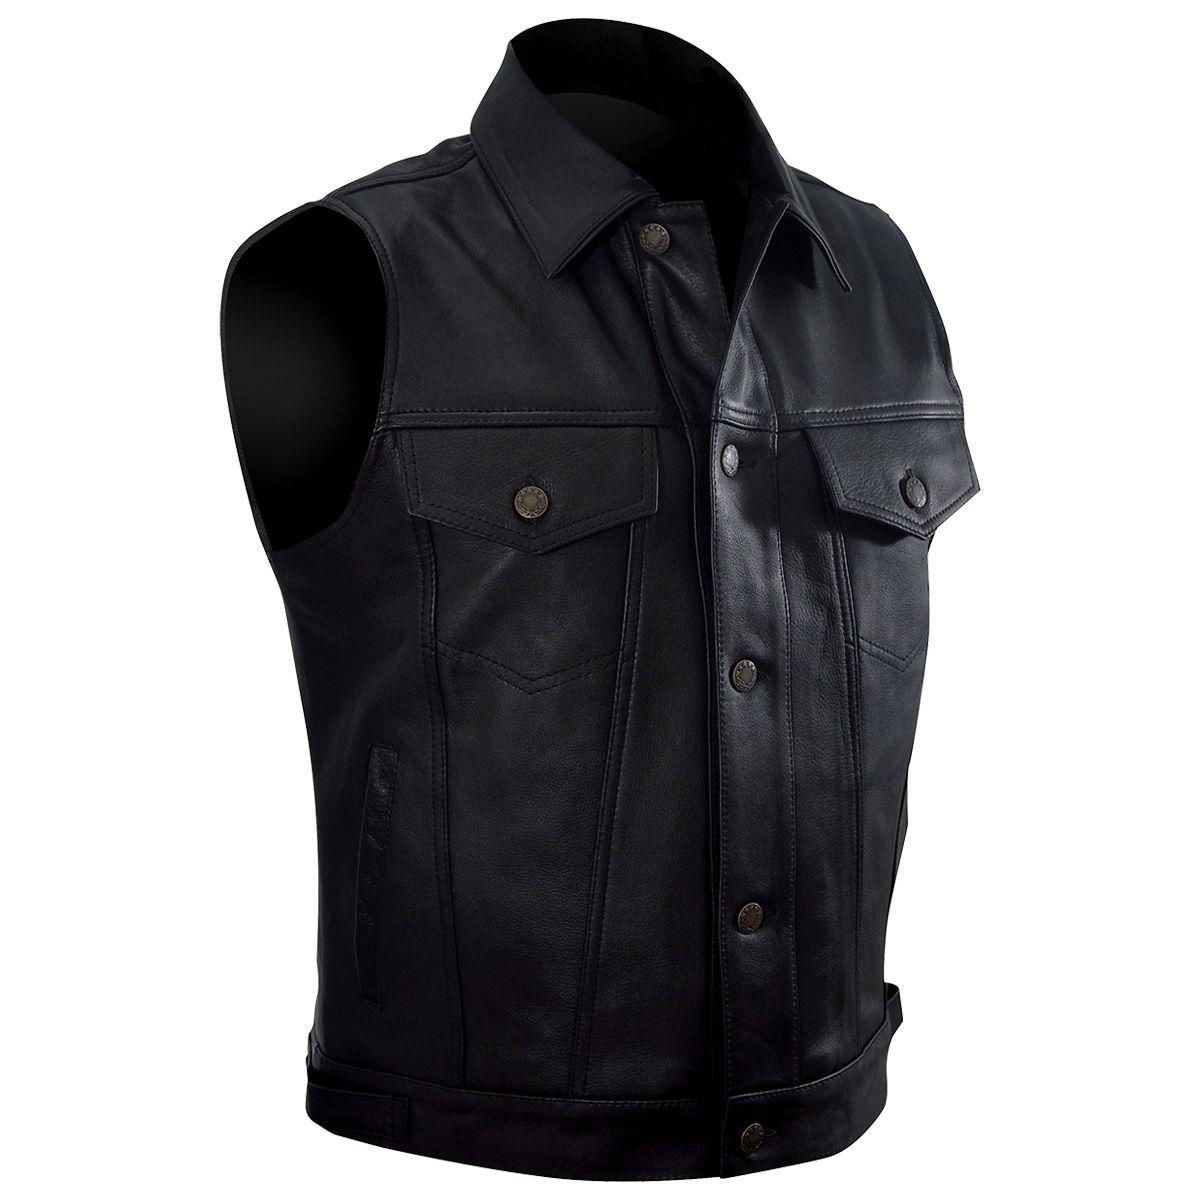 veste cuir sans manches mec osx lee jacket vestes. Black Bedroom Furniture Sets. Home Design Ideas